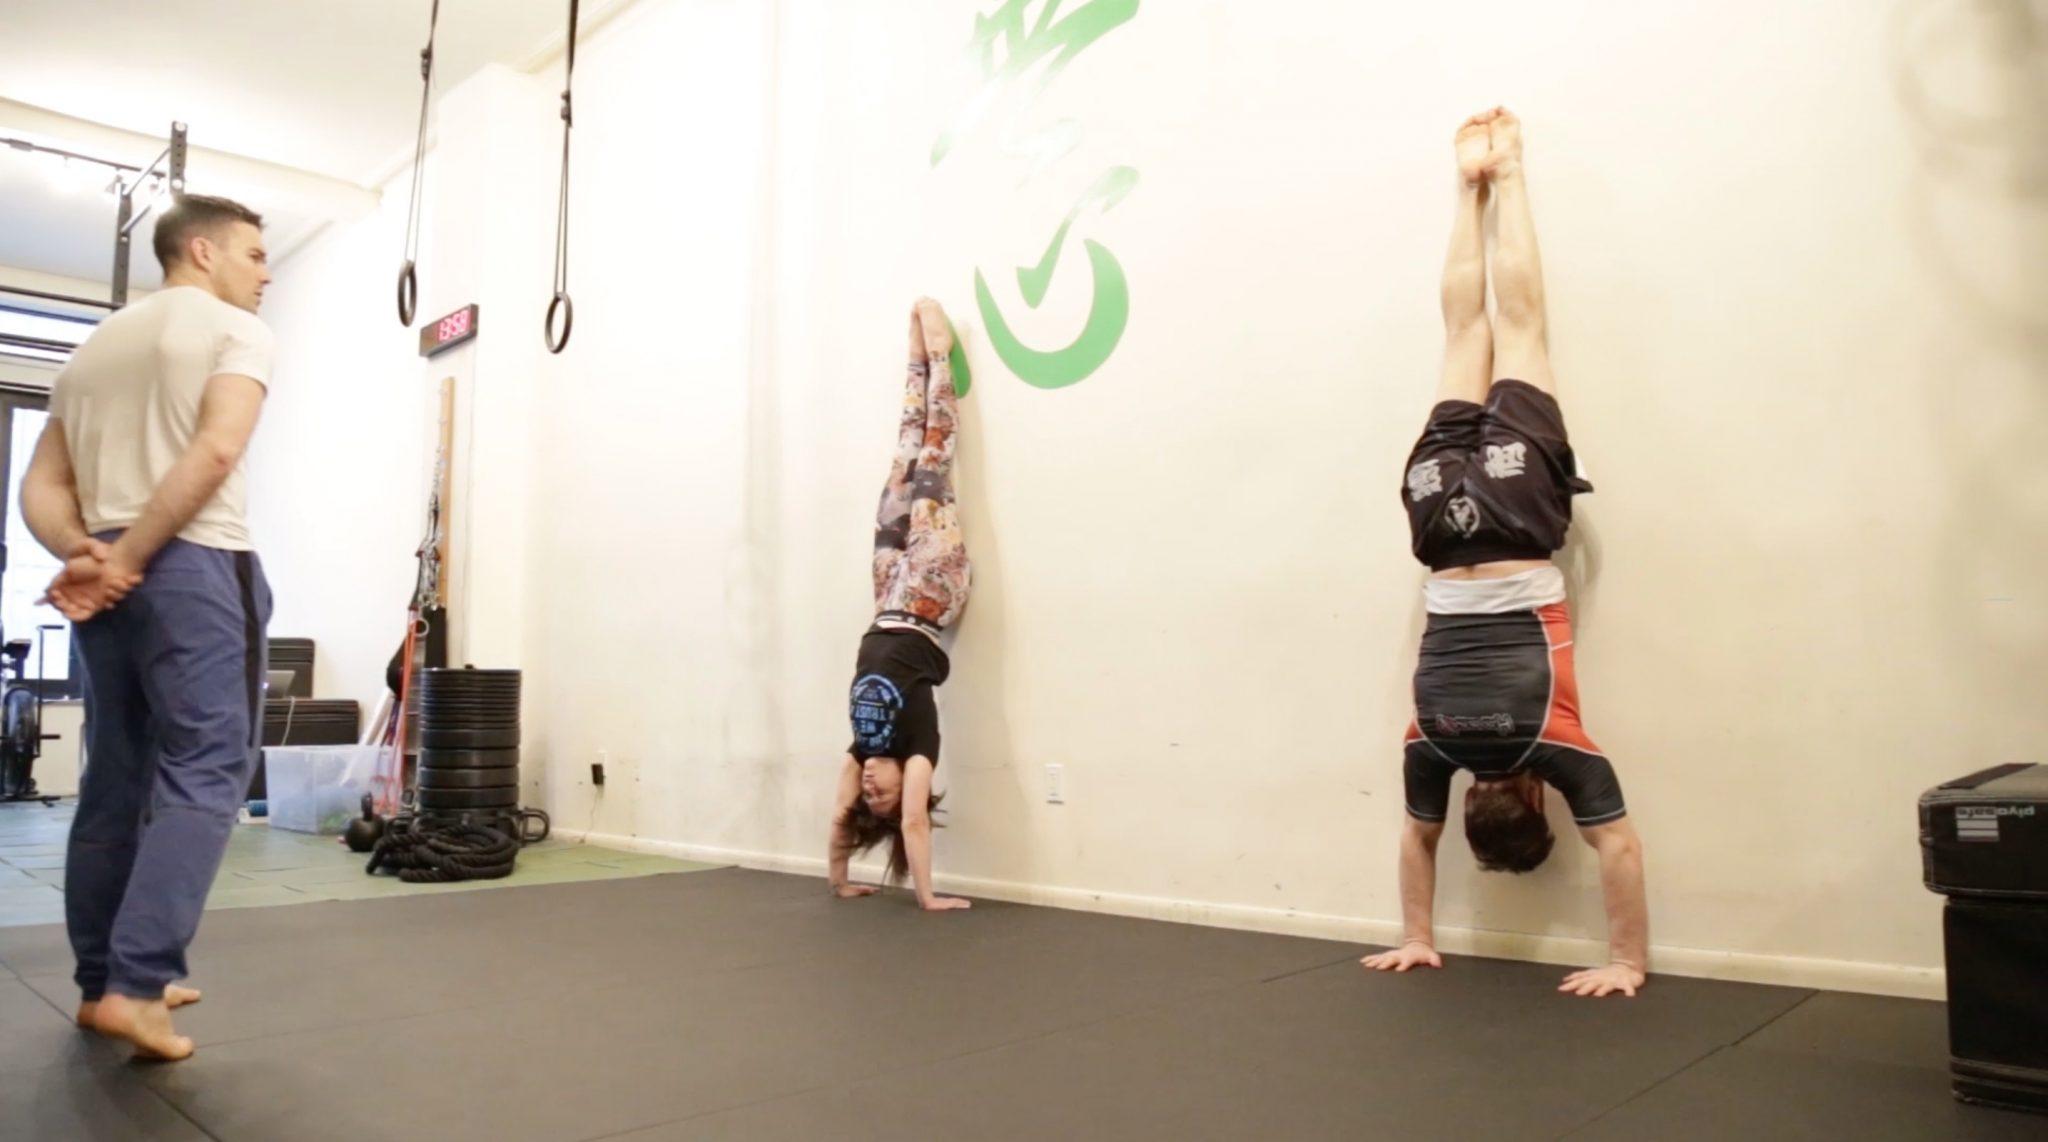 Gymnastics for Jiu Jitsu